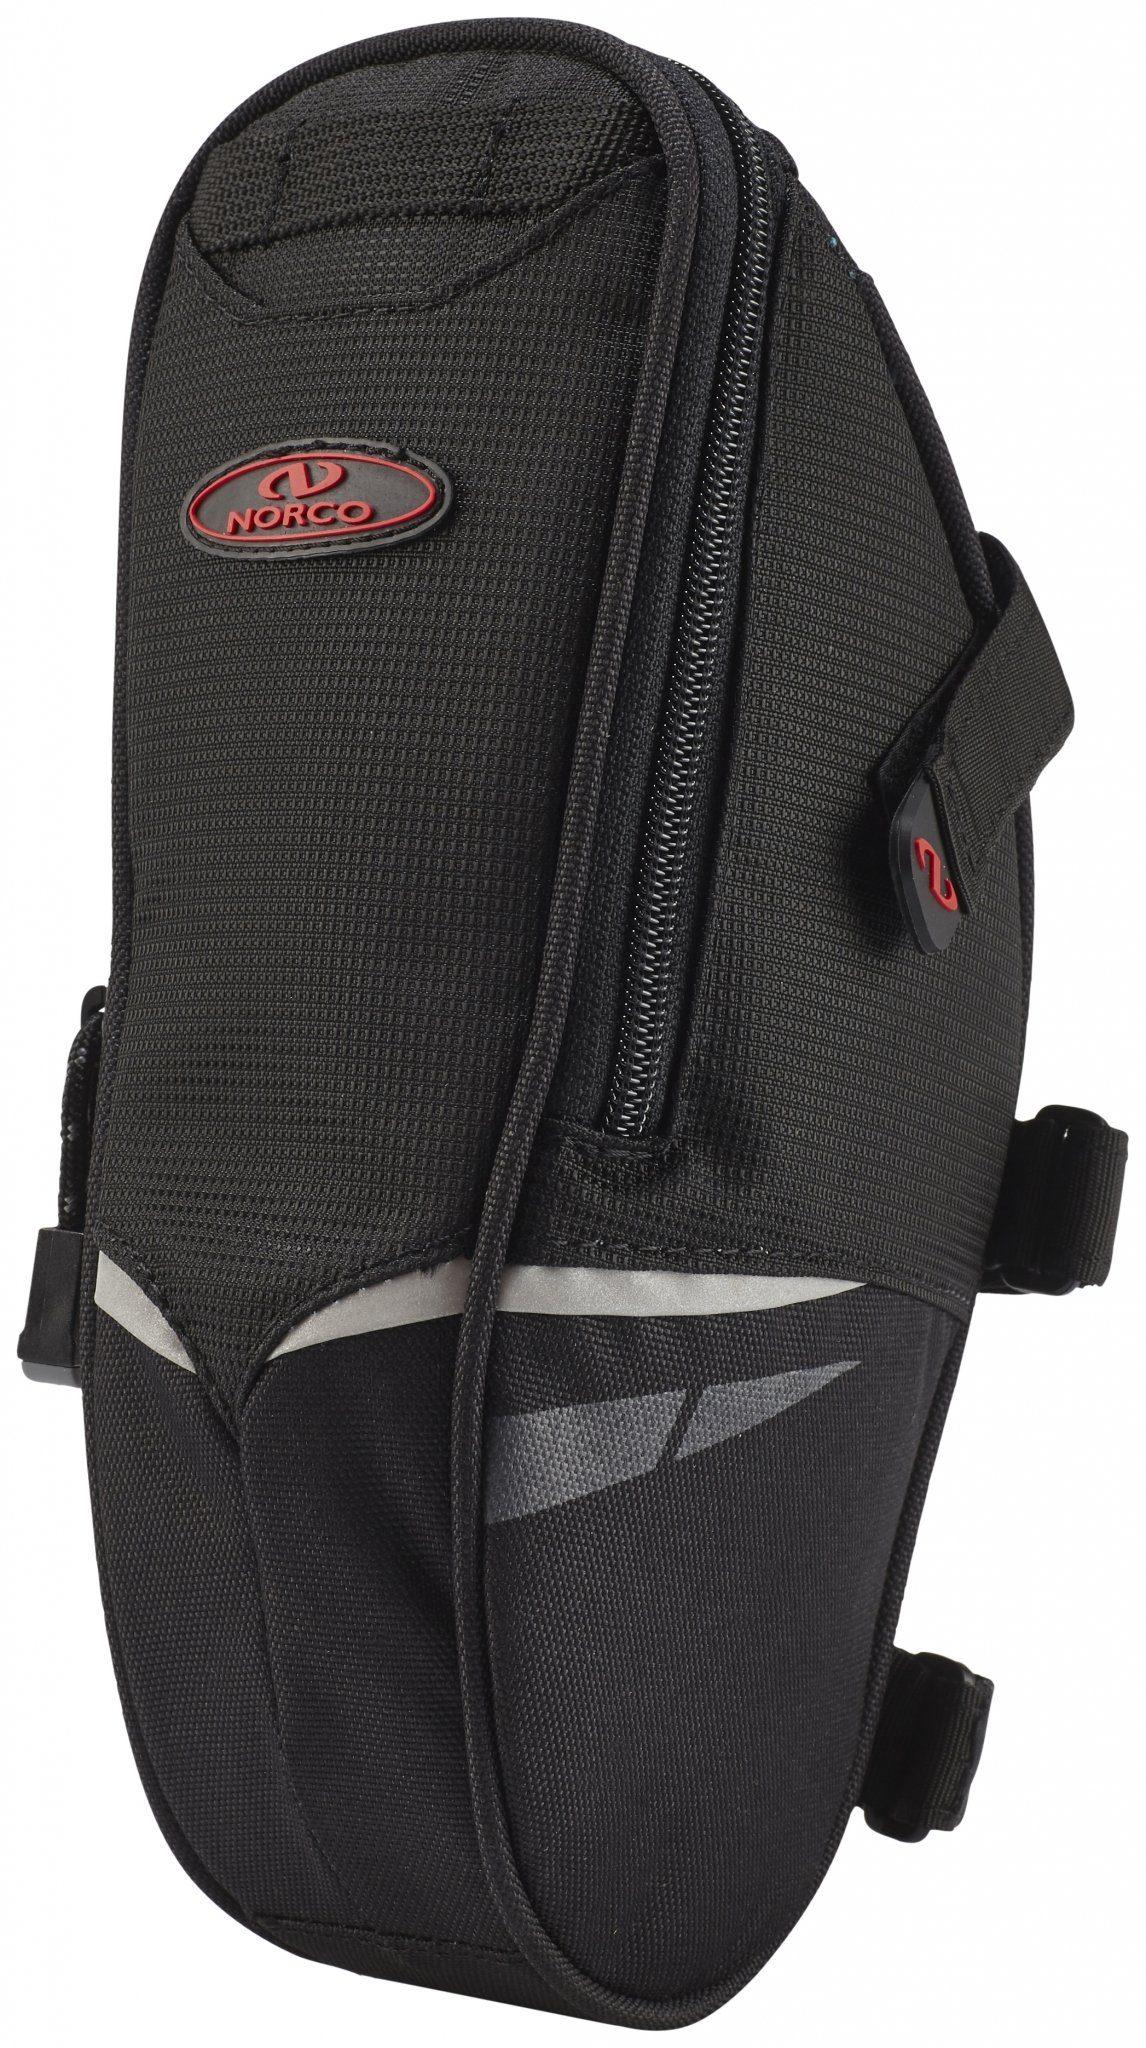 Norco Gepäckträgertasche »Utah Satteltasche schwarz«